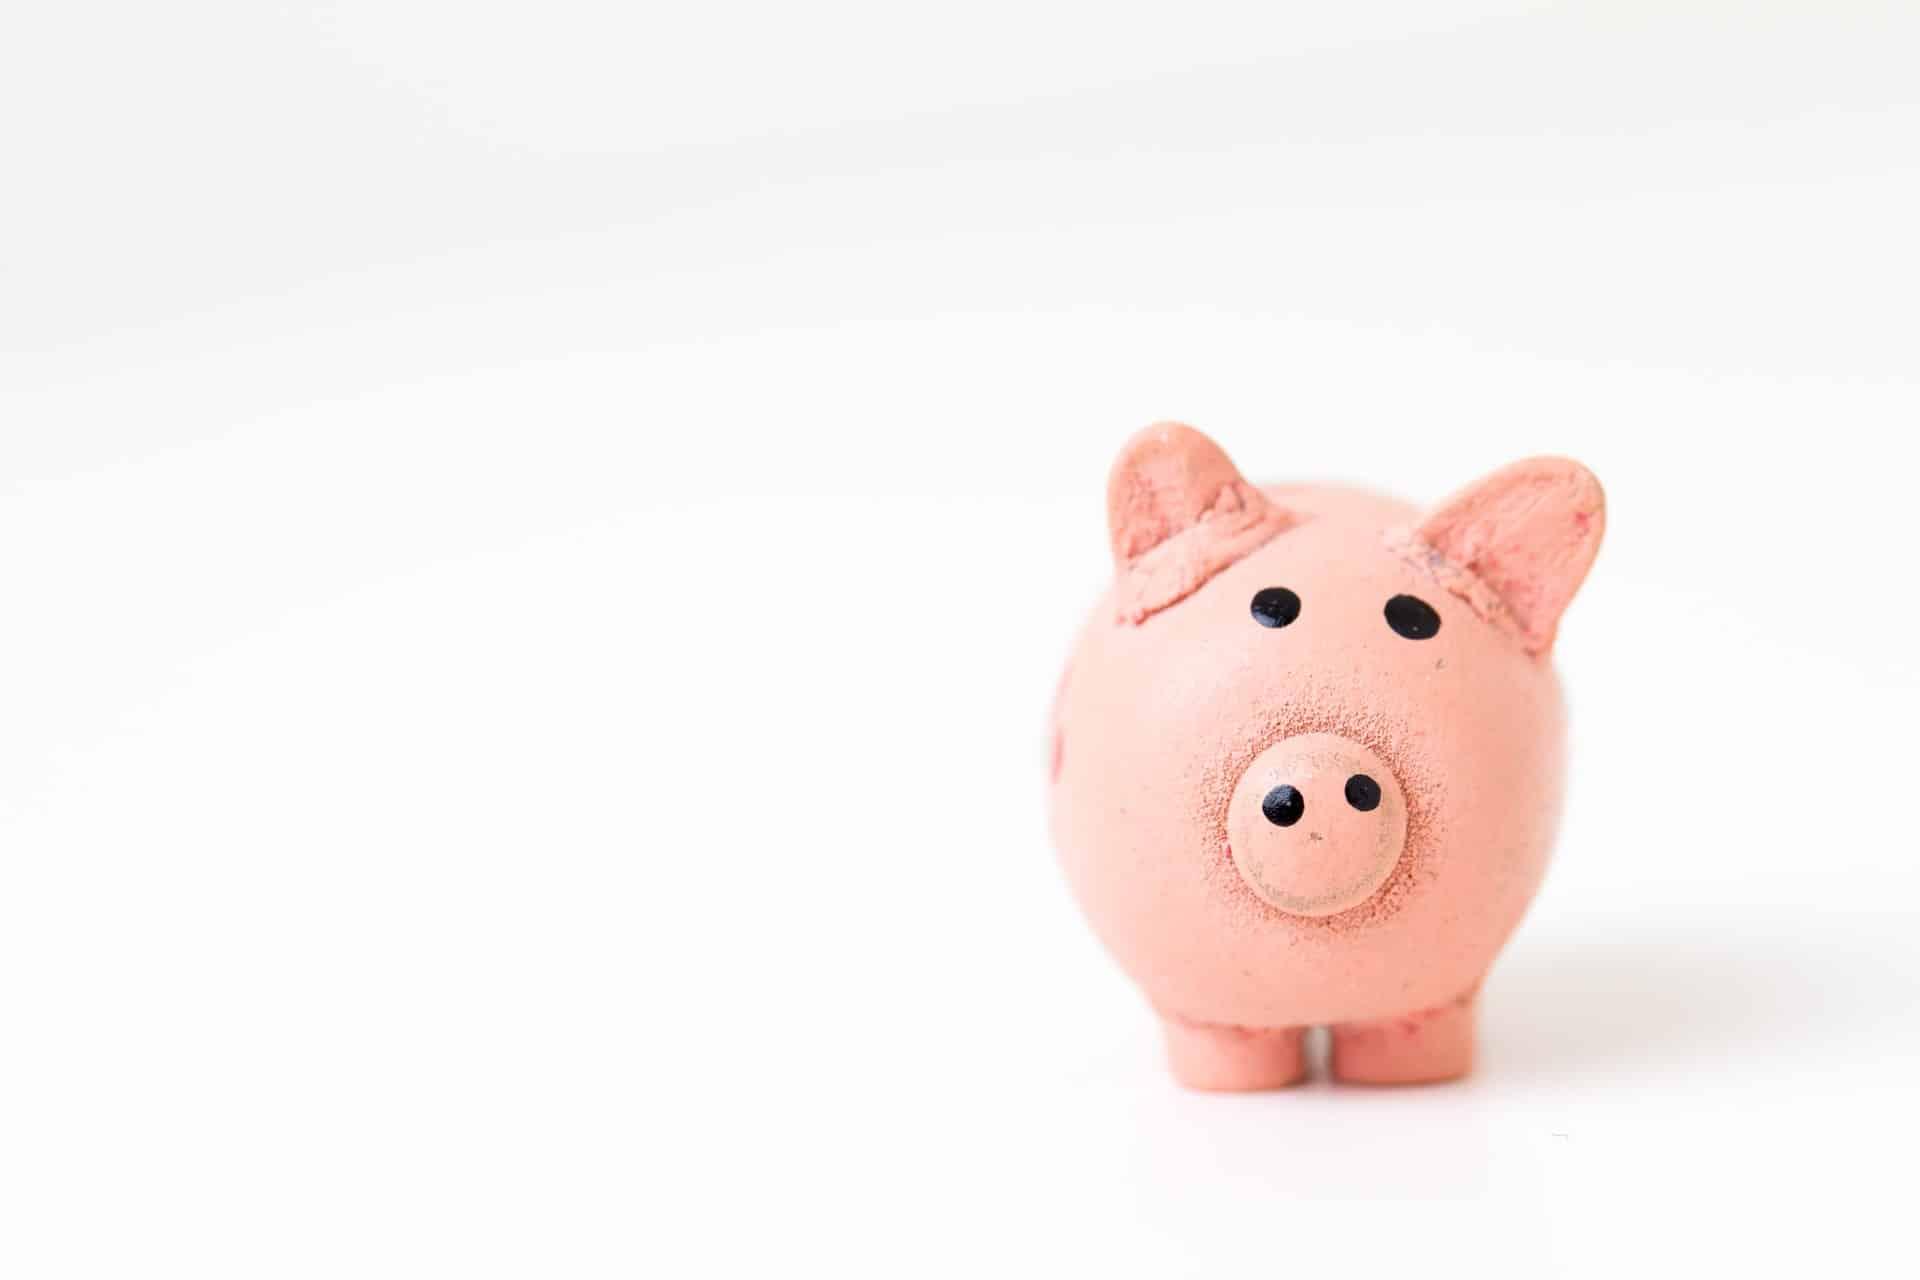 Resgates de Tesouro Direto: foram superiores as compras pelo terceiro mês seguido